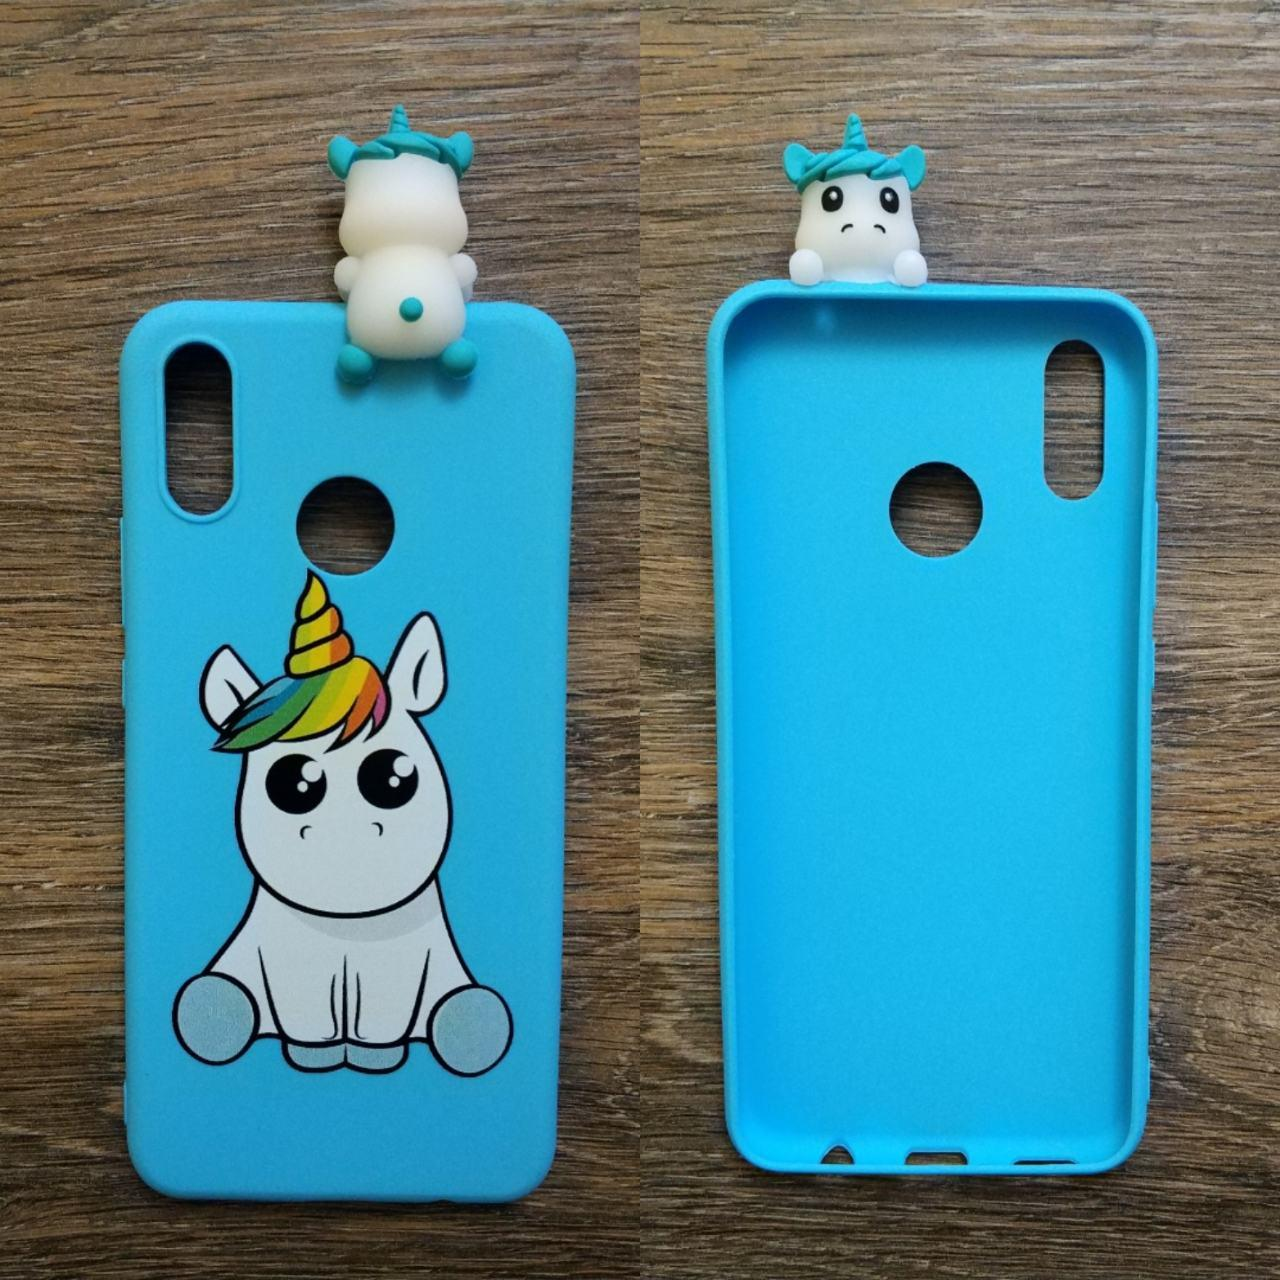 0b05fa15f918 Чехол 3d игрушка для Huawei P Smart 2019 Пони Единорог - Интернет магазин  Coverphone в Харькове